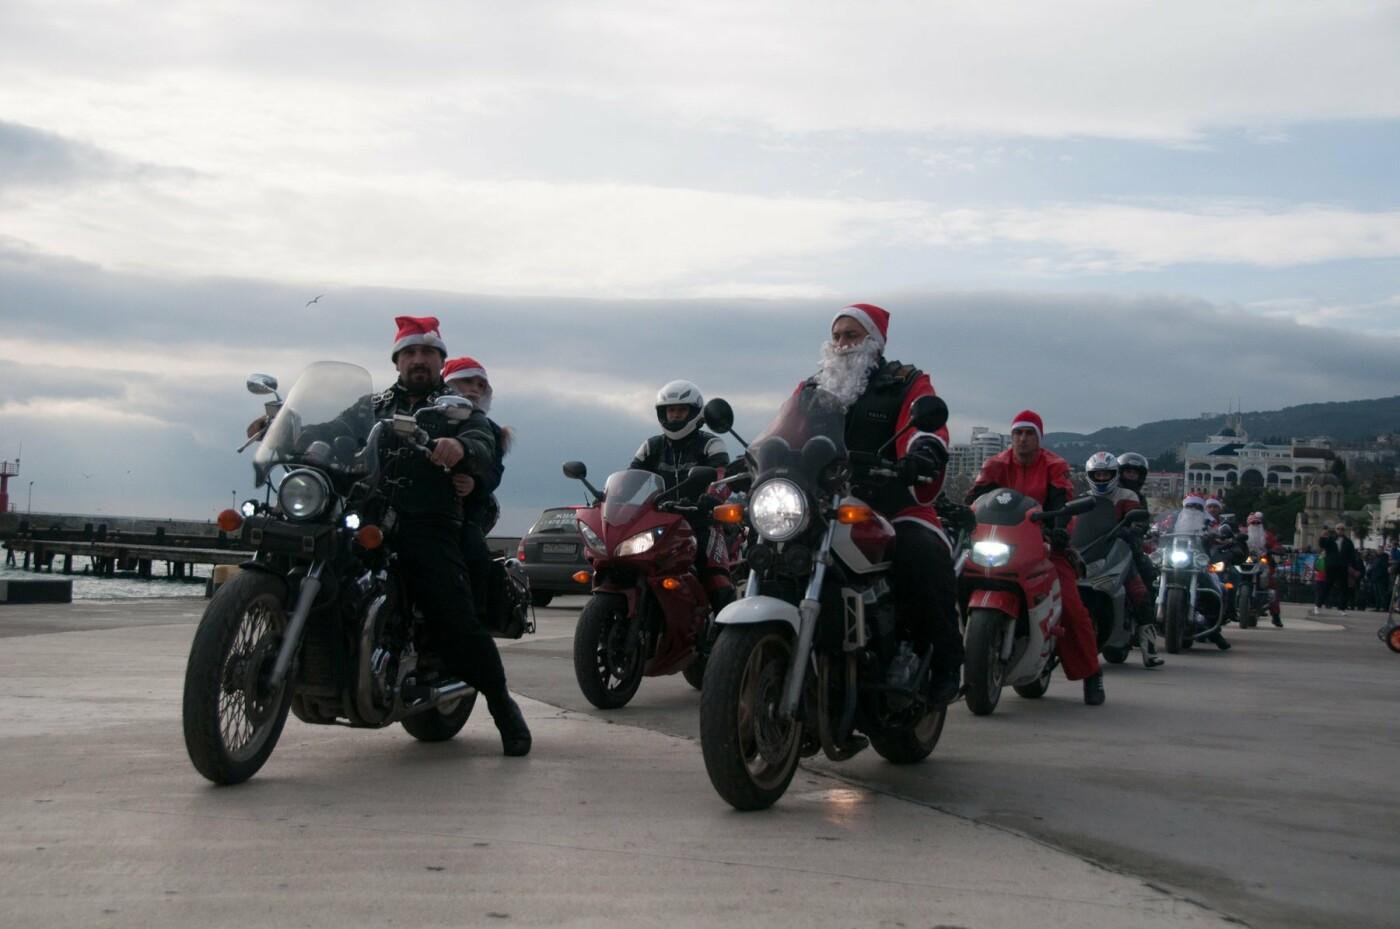 В Ялте почти 800 сказочных персонажей приняли участие в Мороз-параде, фото-3